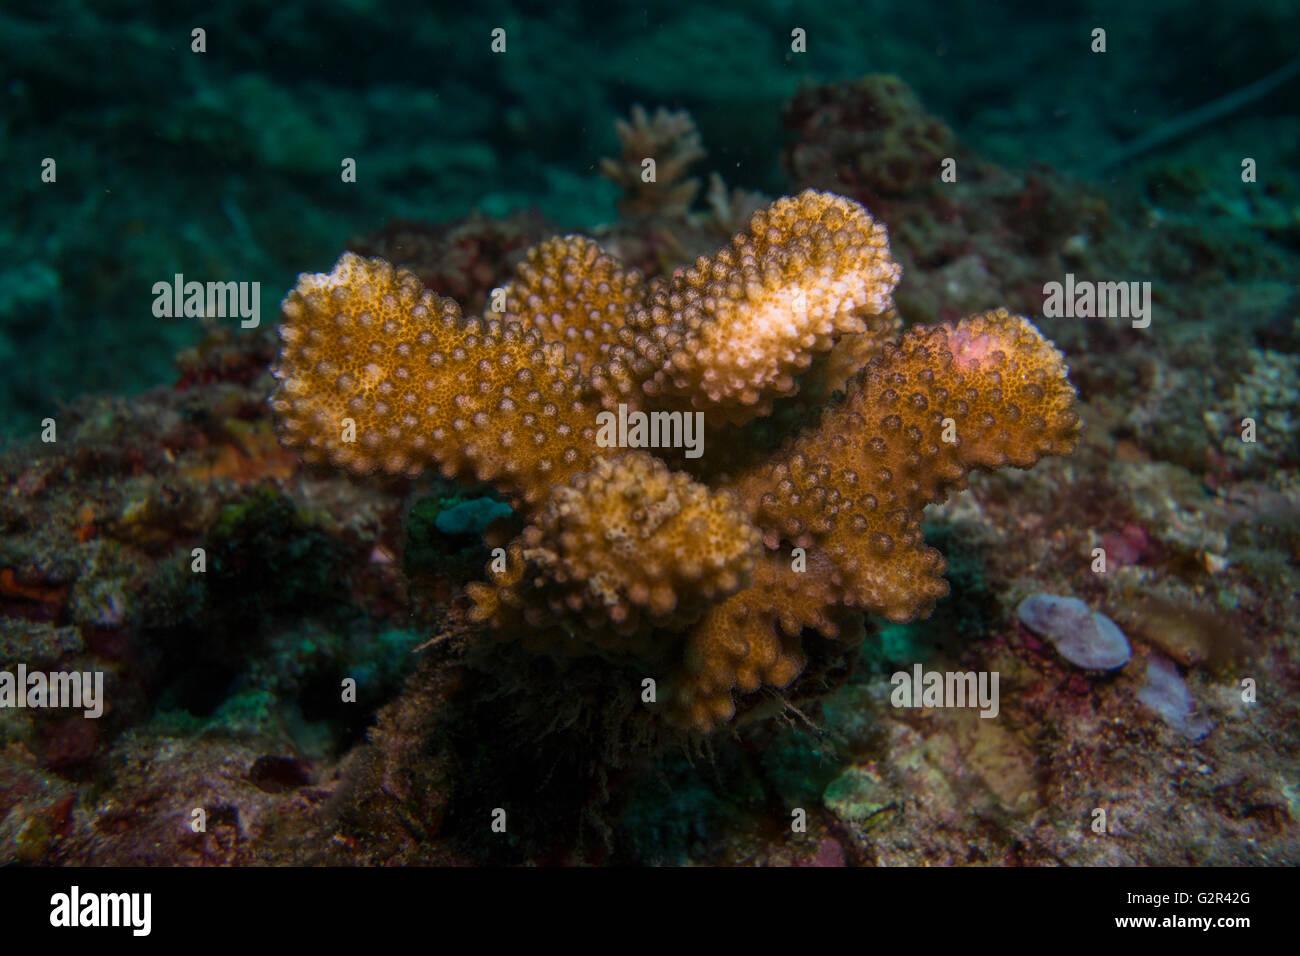 Formulario de corales pétreos el triángulo de coral, Brunei Darussalam. Foto de stock